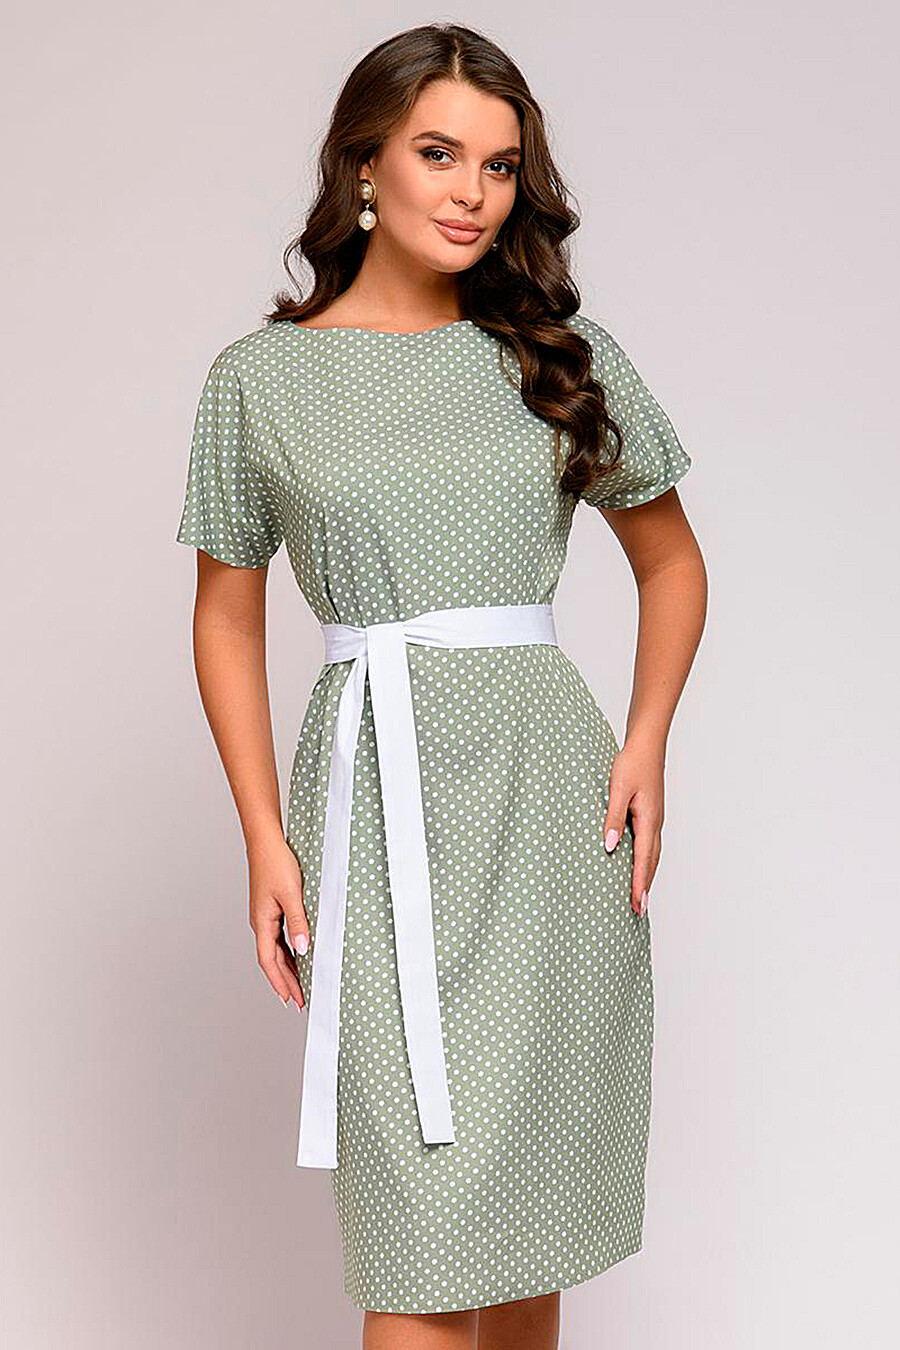 Платье для женщин 1001 DRESS 219918 купить оптом от производителя. Совместная покупка женской одежды в OptMoyo